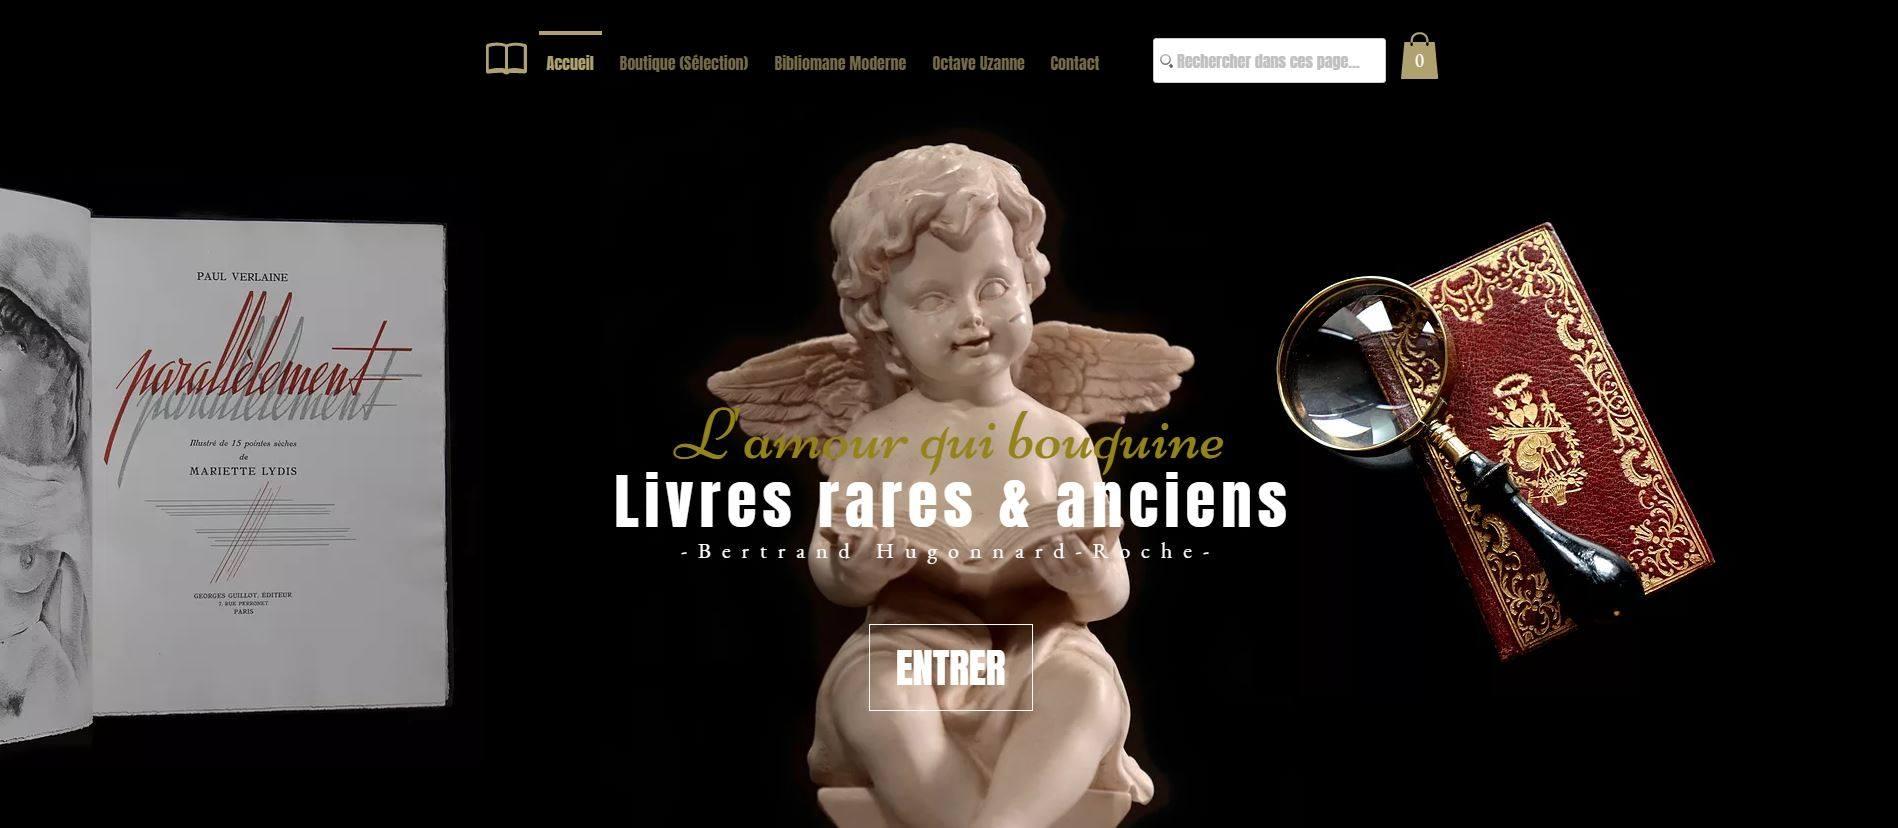 (c) Lamourquibouquine.com